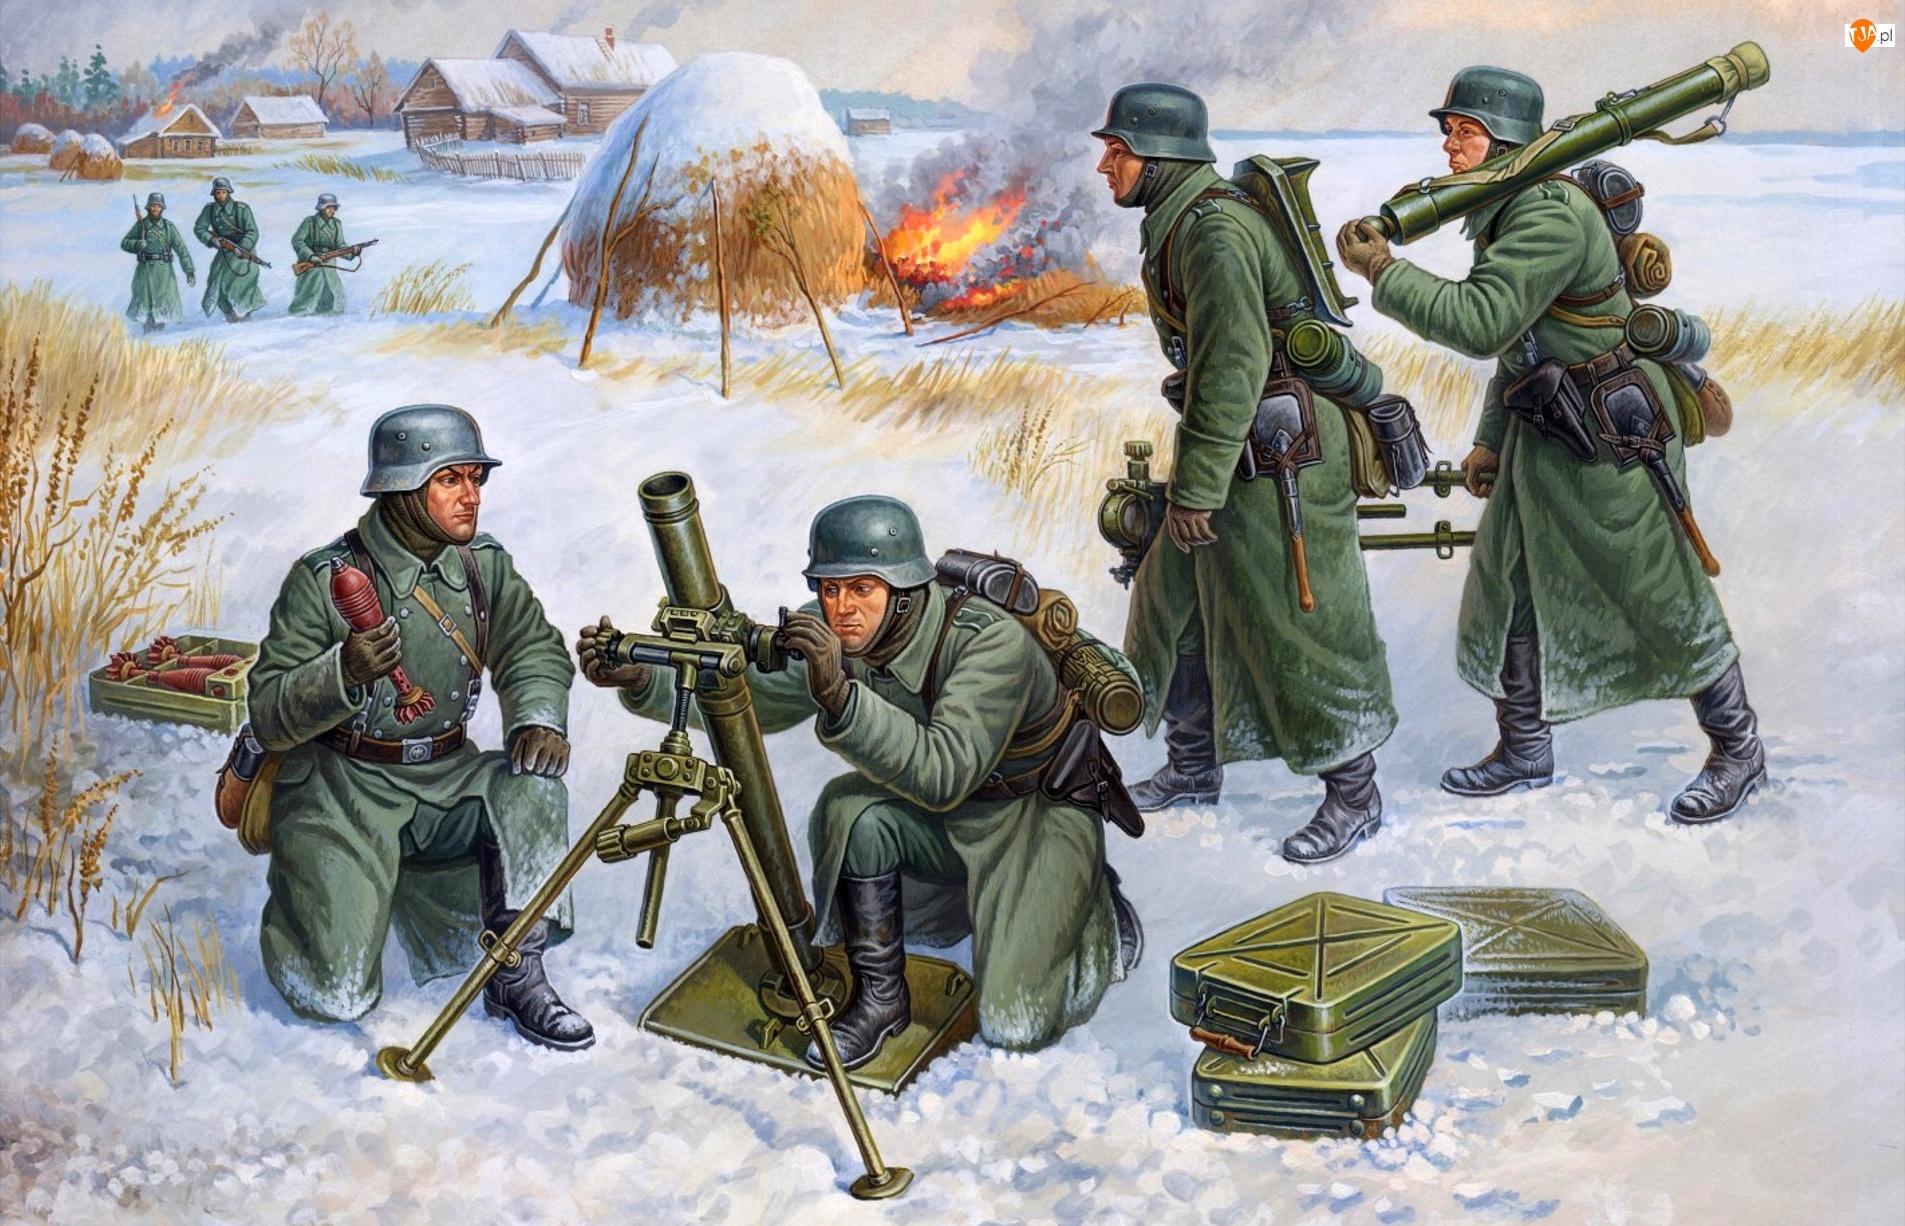 Ogień, Żołnierze, Walka, Broń, Wioska